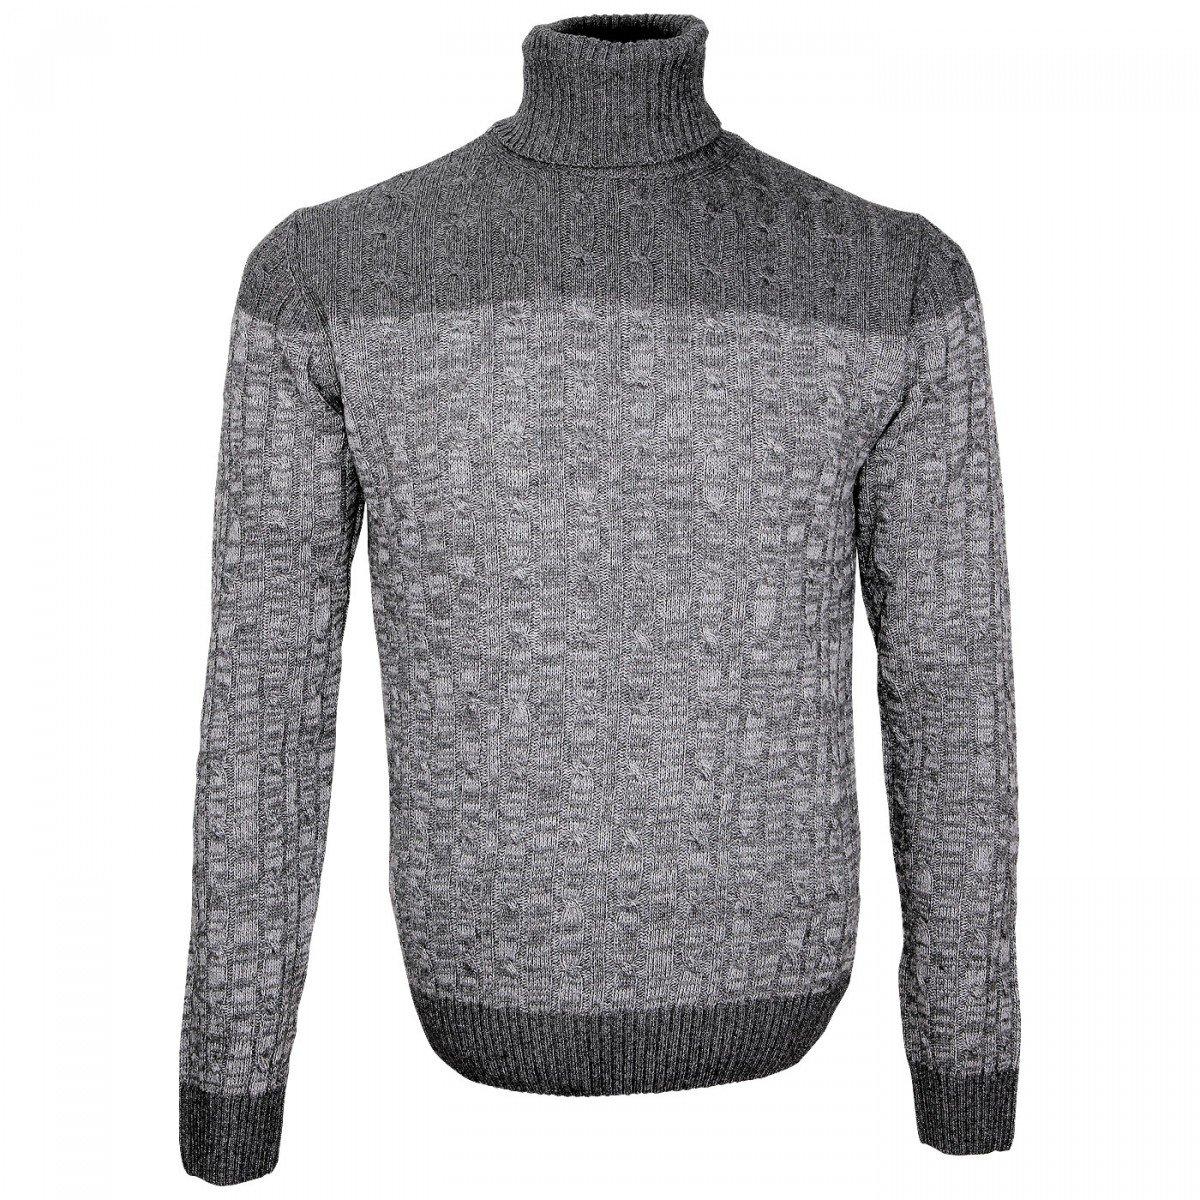 Laine Vêtements Gris Cachemire Et Emporio M Balzani amp; Accessoires Perugia Pull Taille qpzxIfwT